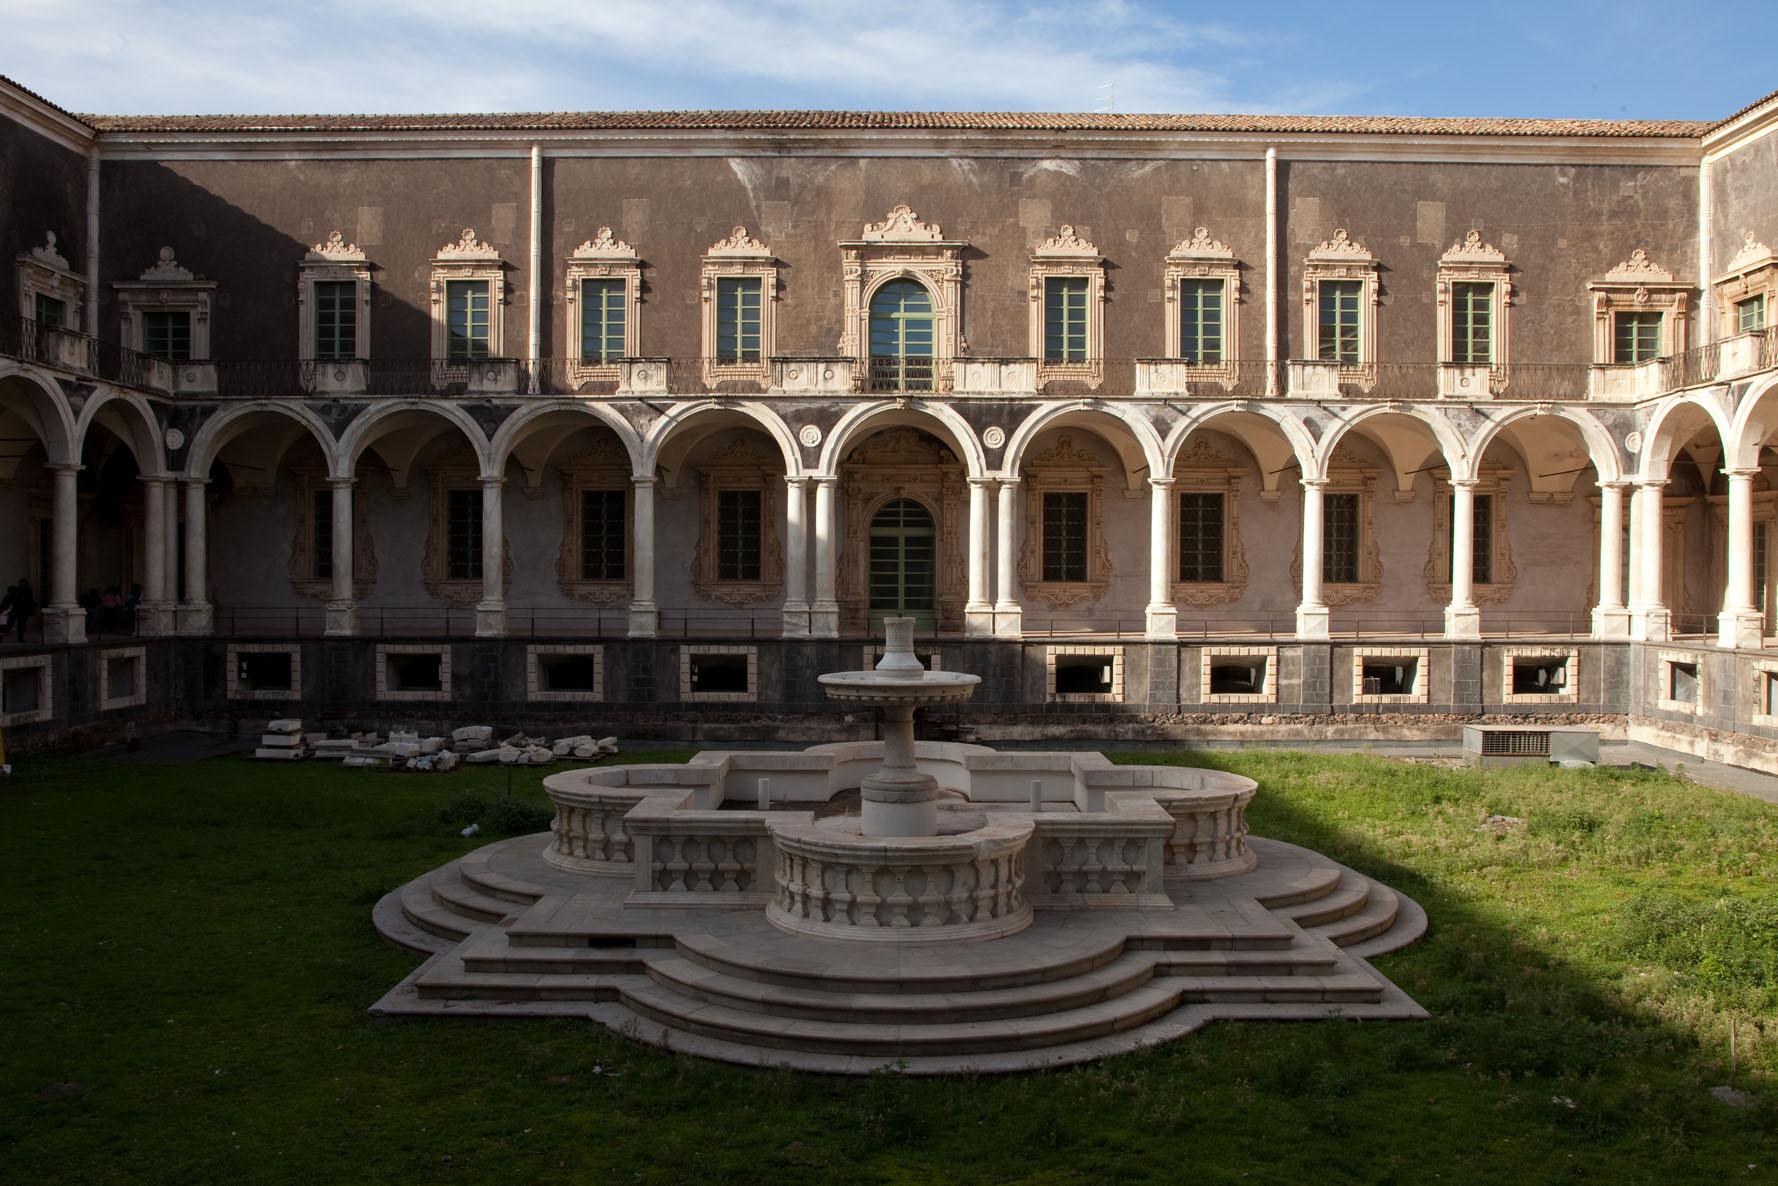 Monastero dei Benedettini Catania: 500 anni di storia da visitare